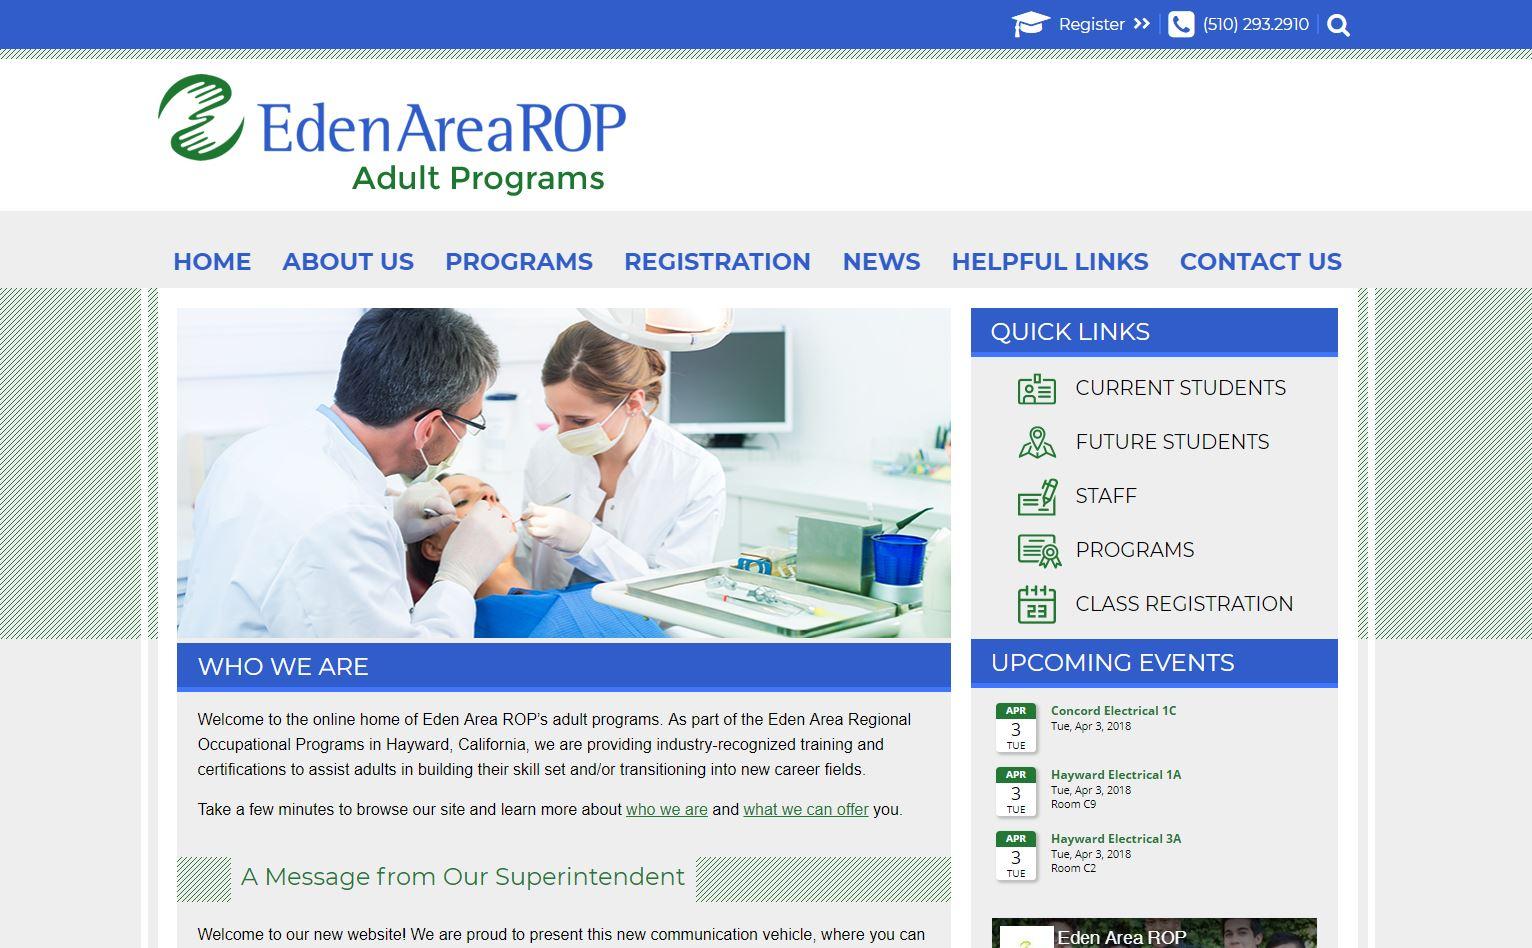 Eden Area ROP